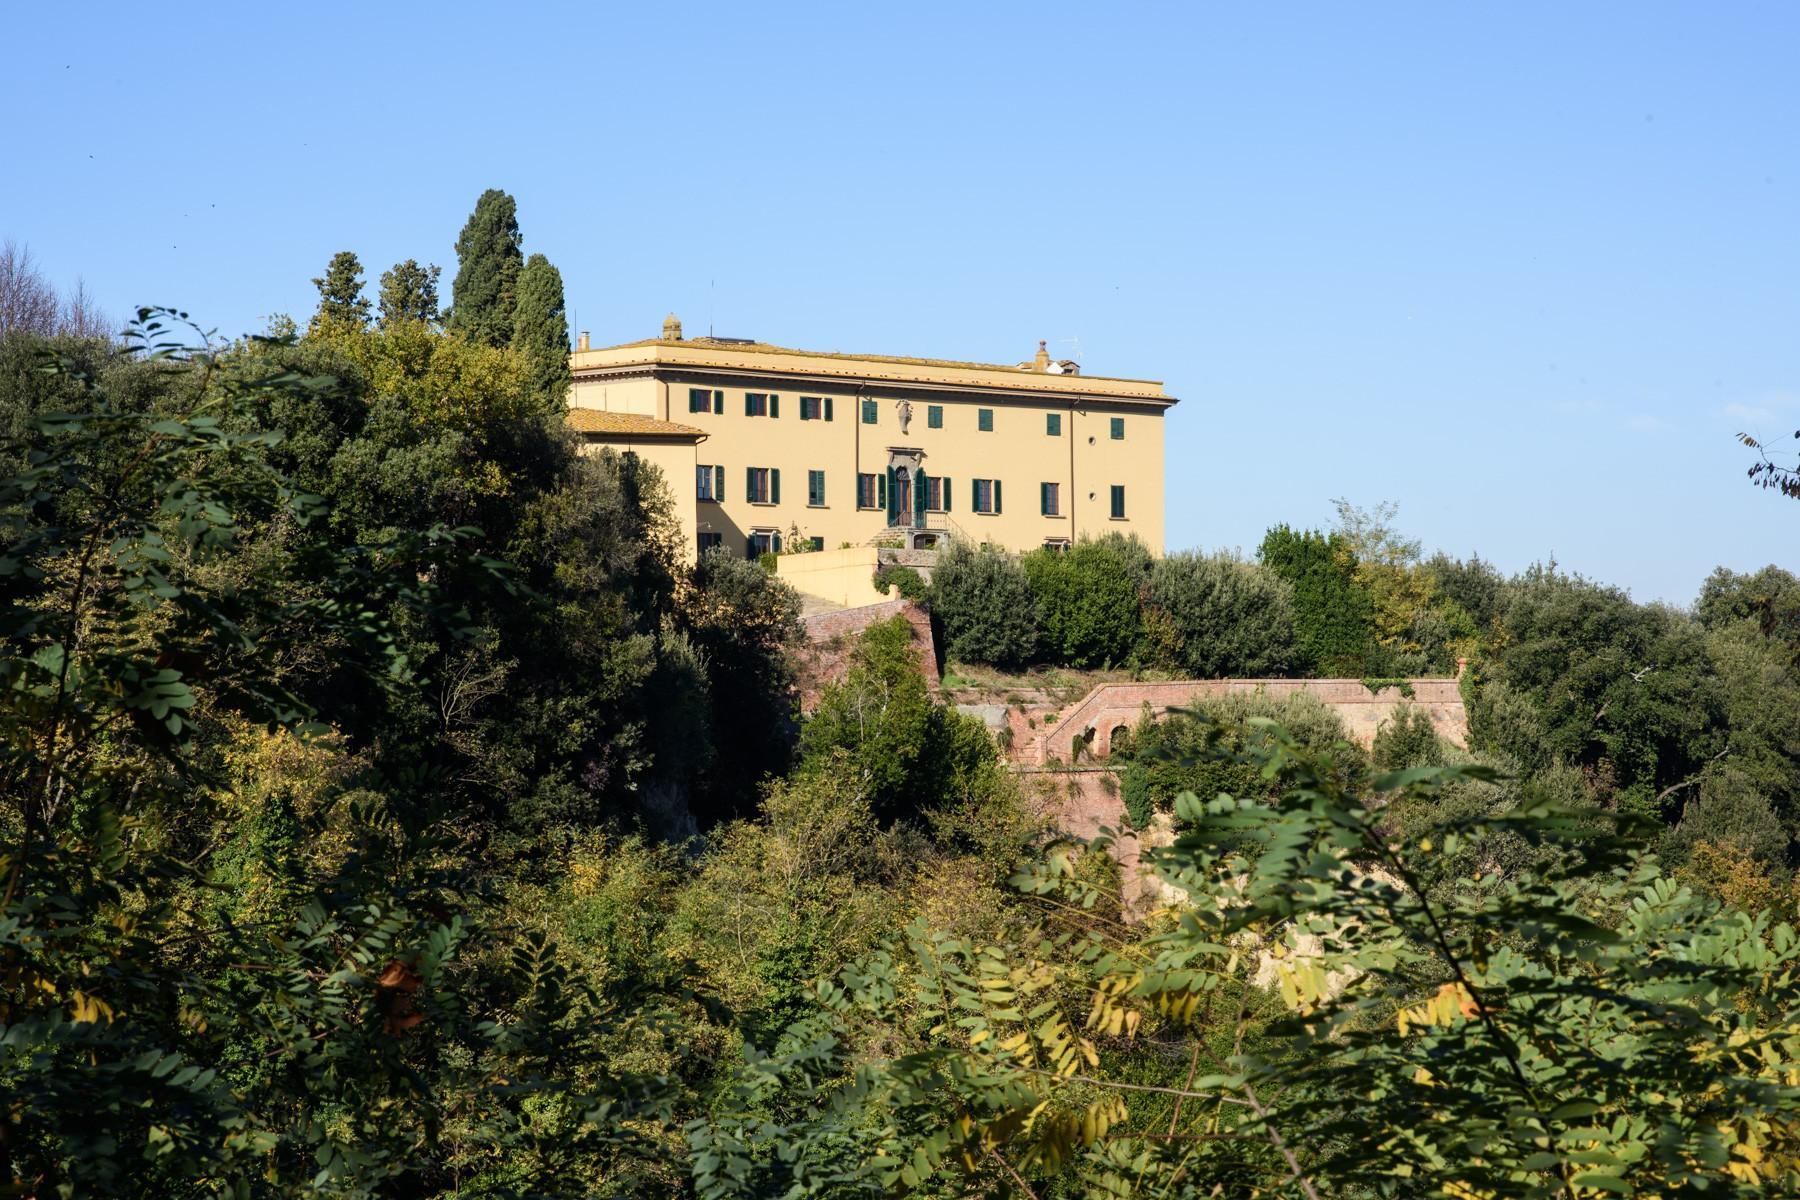 Wunderschöne Villa von einer historischen Burg und einem Jagdrevier umgeben - 2